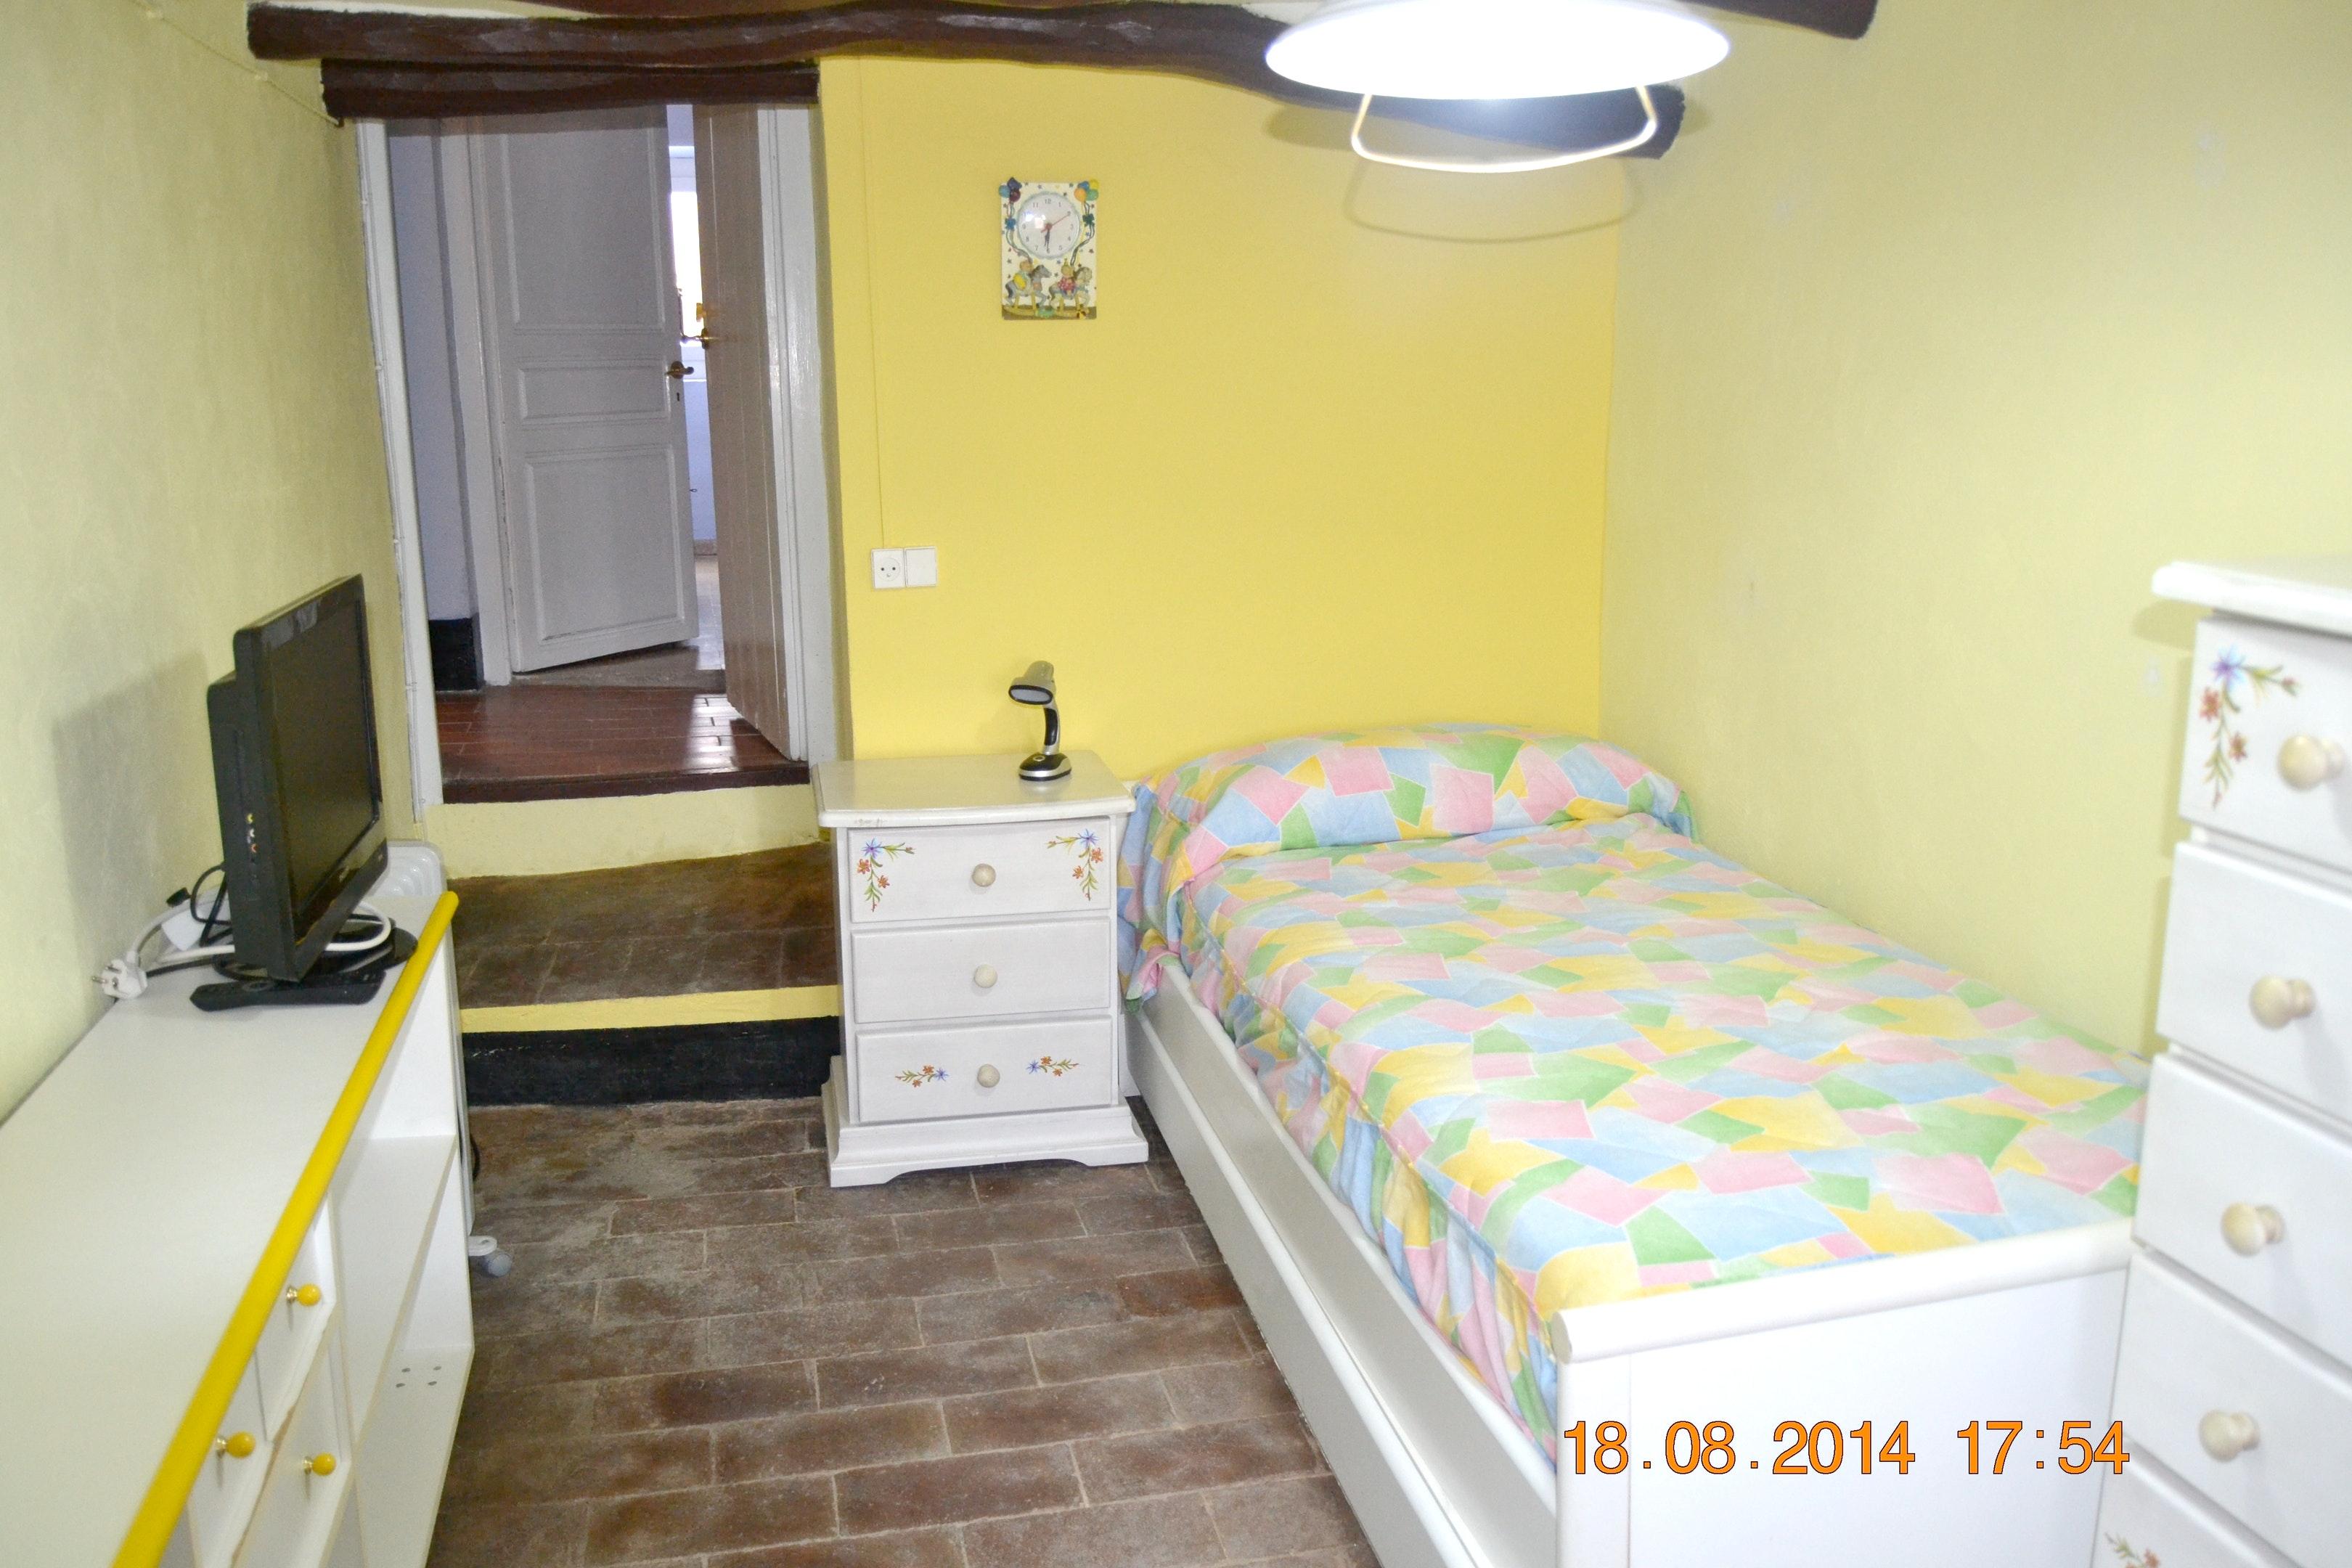 Ferienhaus Haus mit 4 Schlafzimmern in Sant Pere Sacarrera mit toller Aussicht auf die Berge, möblier (2217248), Sant Pere Sacarrera, Barcelona, Katalonien, Spanien, Bild 14